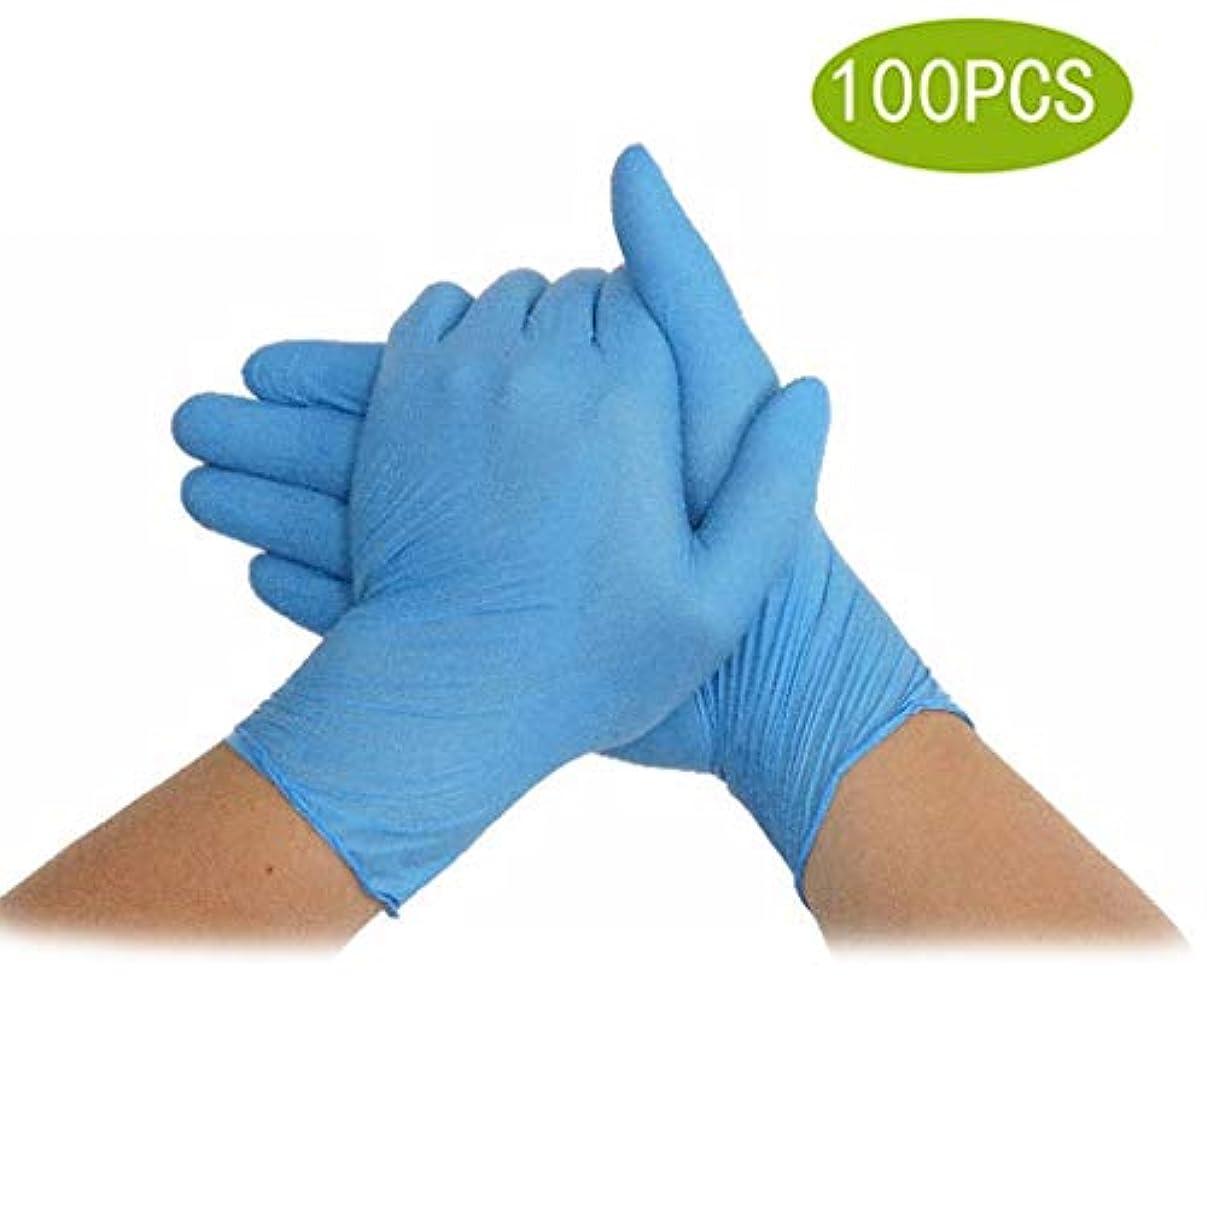 開梱気体の困惑した9インチ使い捨て手袋軽量安全フィットニトリル手袋ミディアムパウダーフリーラテックスフリーライト作業クリーニング園芸医療用グレードタトゥーメディカル試験用手袋100倍 (Size : S)